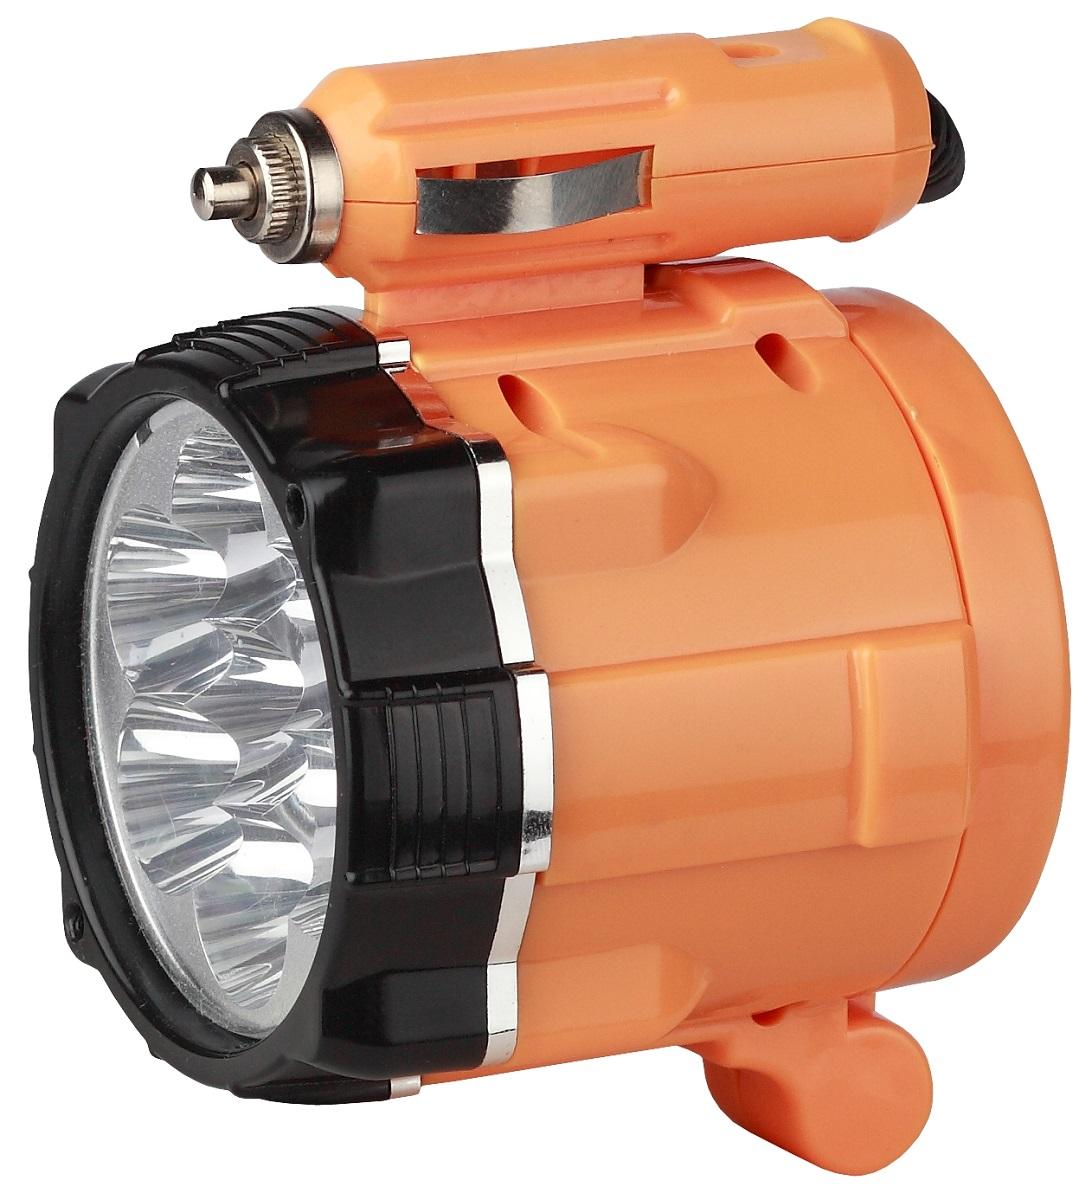 Фонарь ручной ЭРА A3M, цвет: оранжевый, черныйA3MАвтомобильный осветительный прибор-переноска с семью яркими светодиодными лампами белого цвета LED. Изделие работает от сети автомобиля 12V. Для более удобного использования фонарь укомплектован трехметровым шнуром питания. Наличие магнита позволяет фиксировать прибор под различными углами.